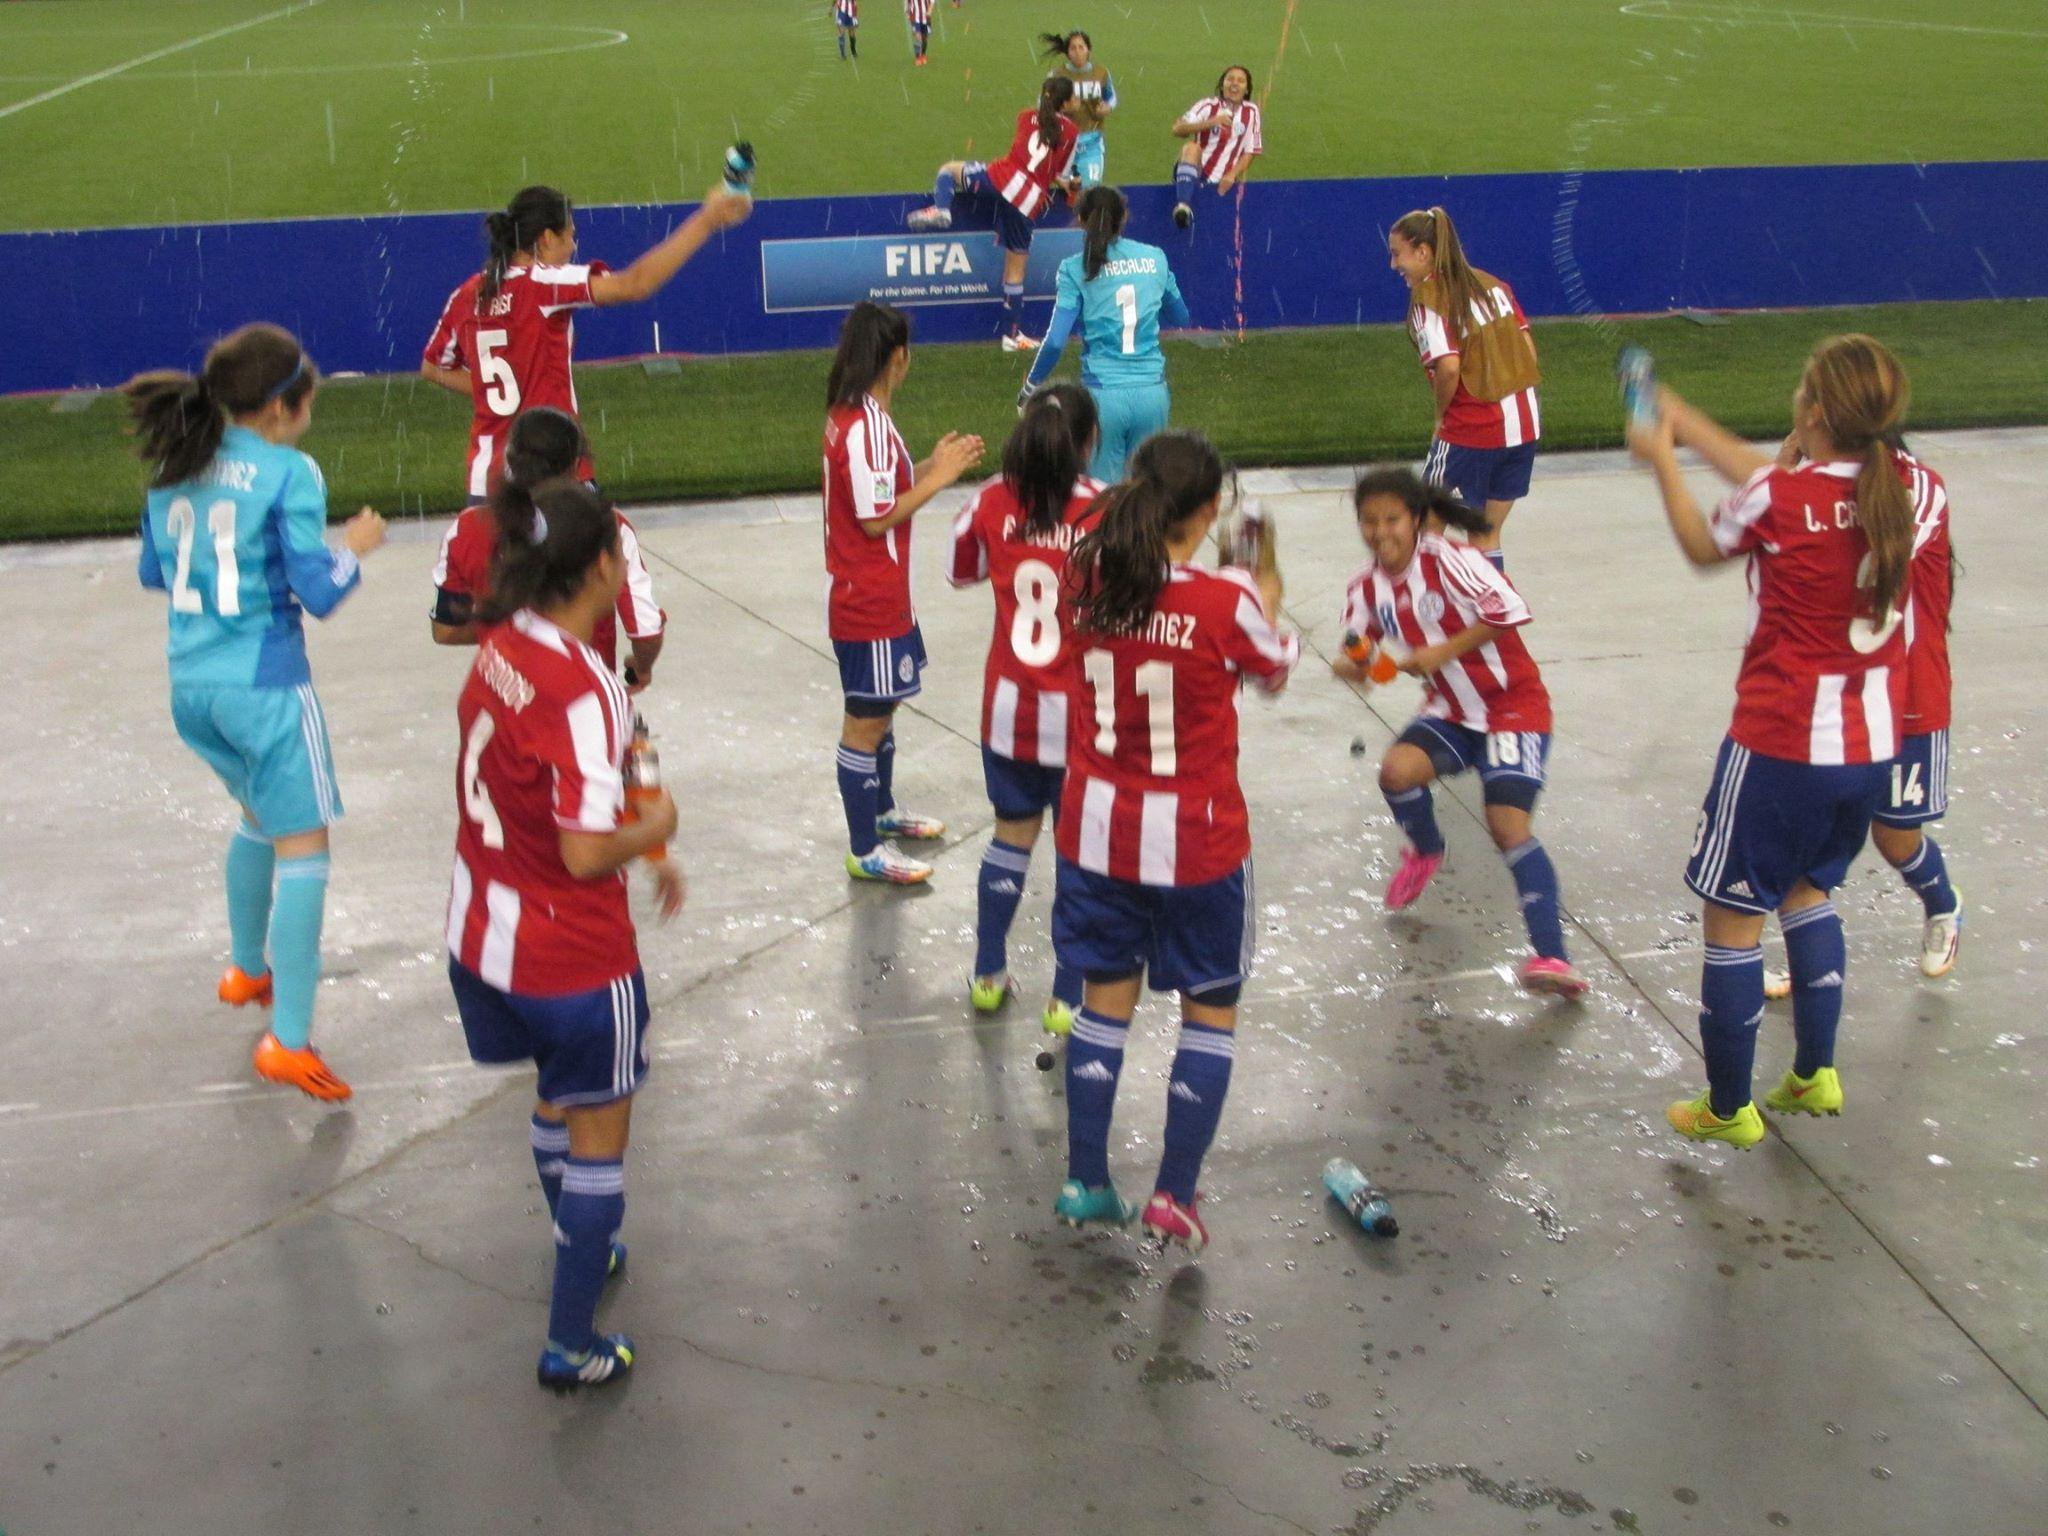 Las chicas tuvieron un festejo prolongado. La alegría de ver a paraguayos en las gradas los motivó.